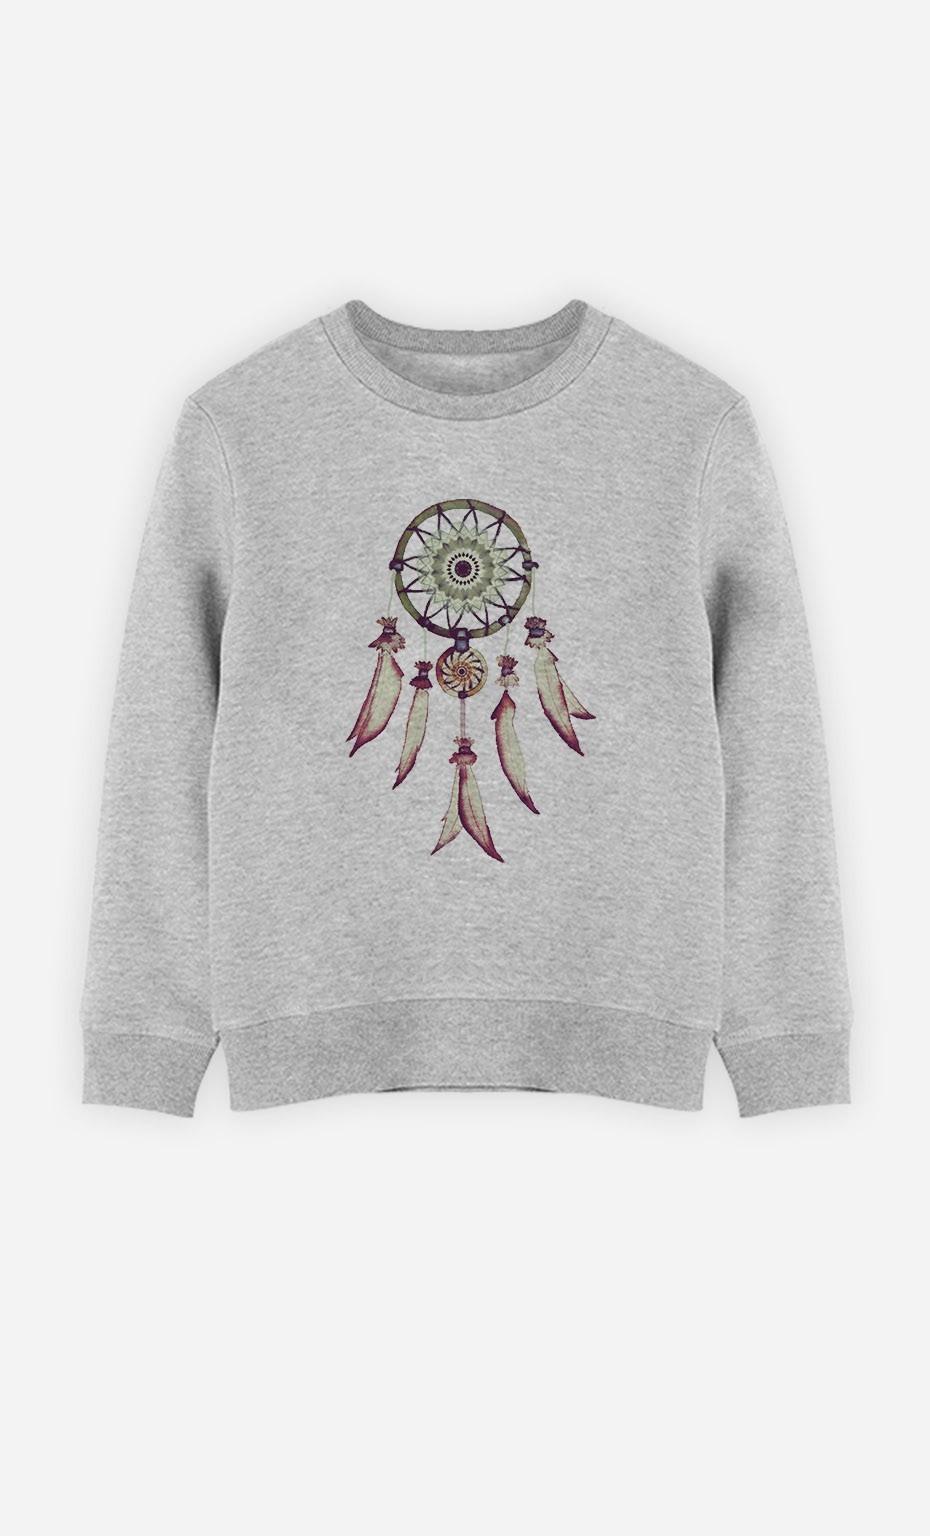 Sweatshirt Dreamcatcher